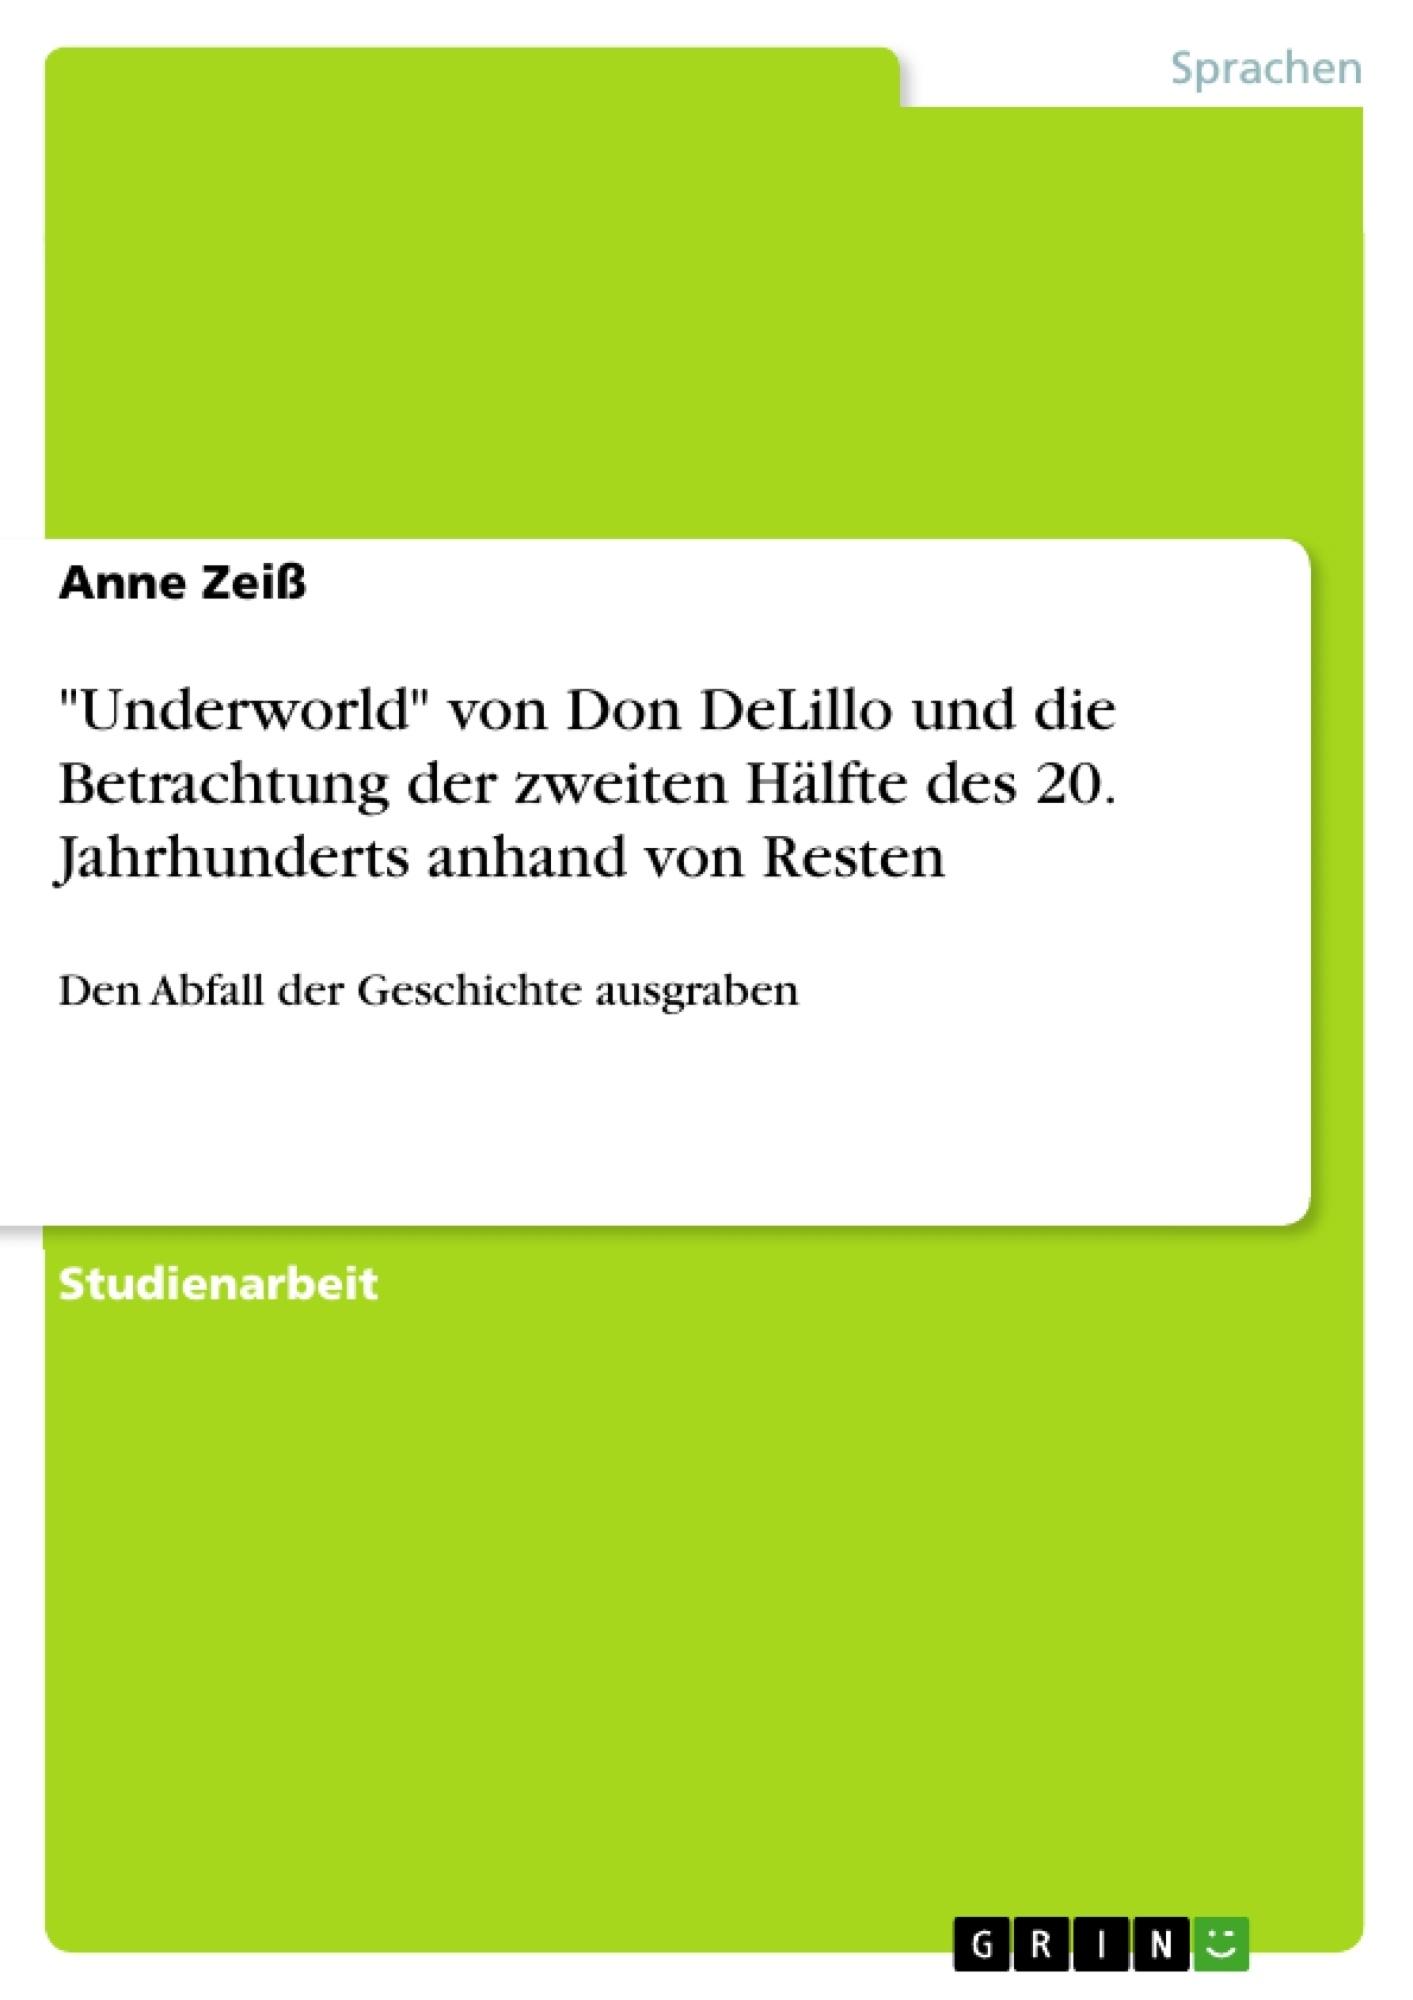 """Titel: """"Underworld"""" von Don DeLillo und die Betrachtung der zweiten Hälfte des 20. Jahrhunderts anhand von Resten"""